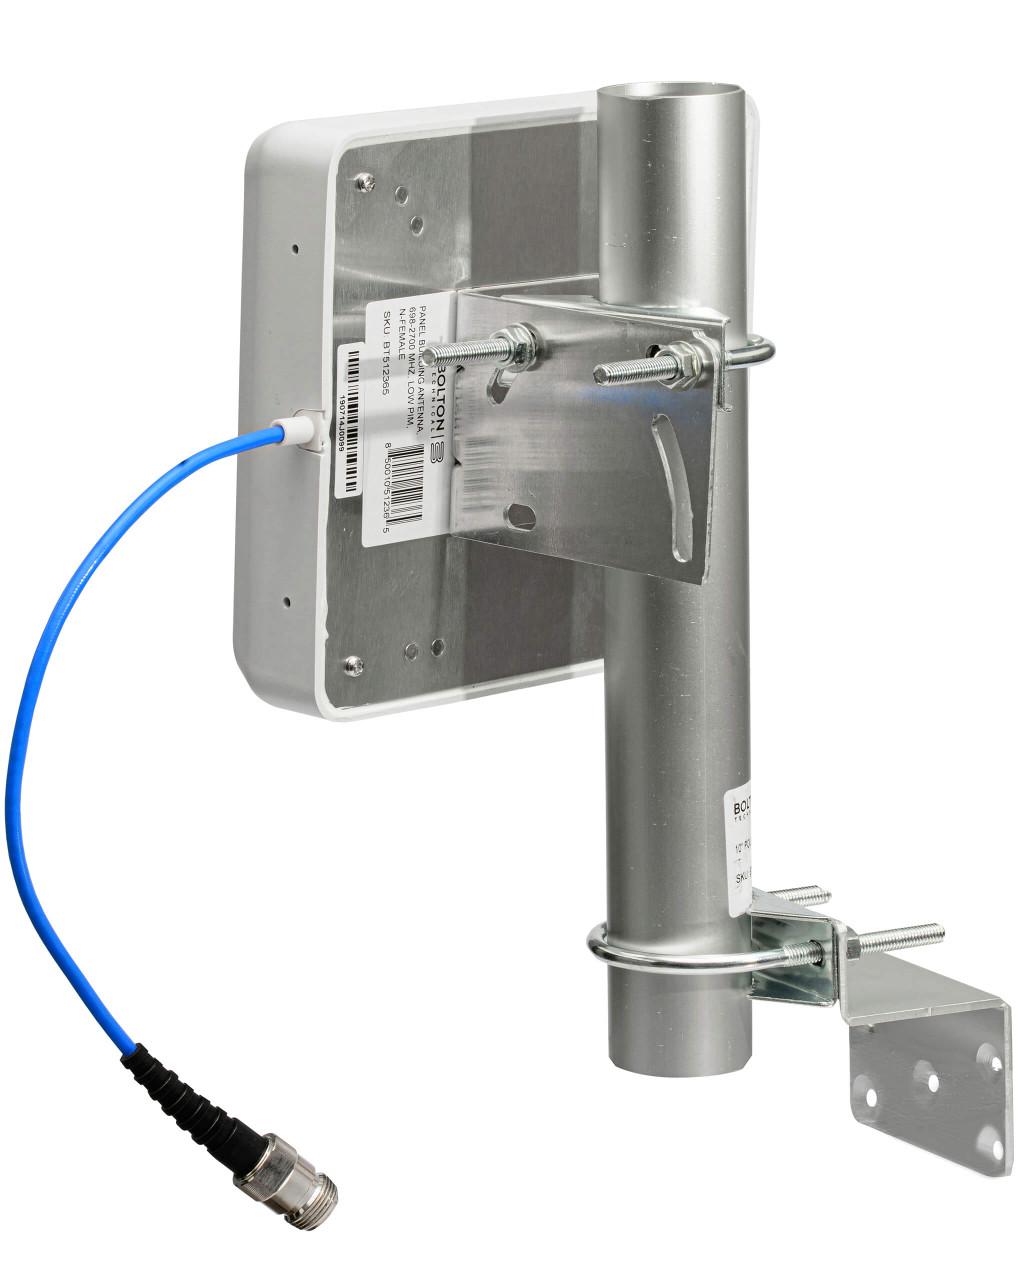 The Indoor Board 50 - Indoor Wall Mount Antenna pole